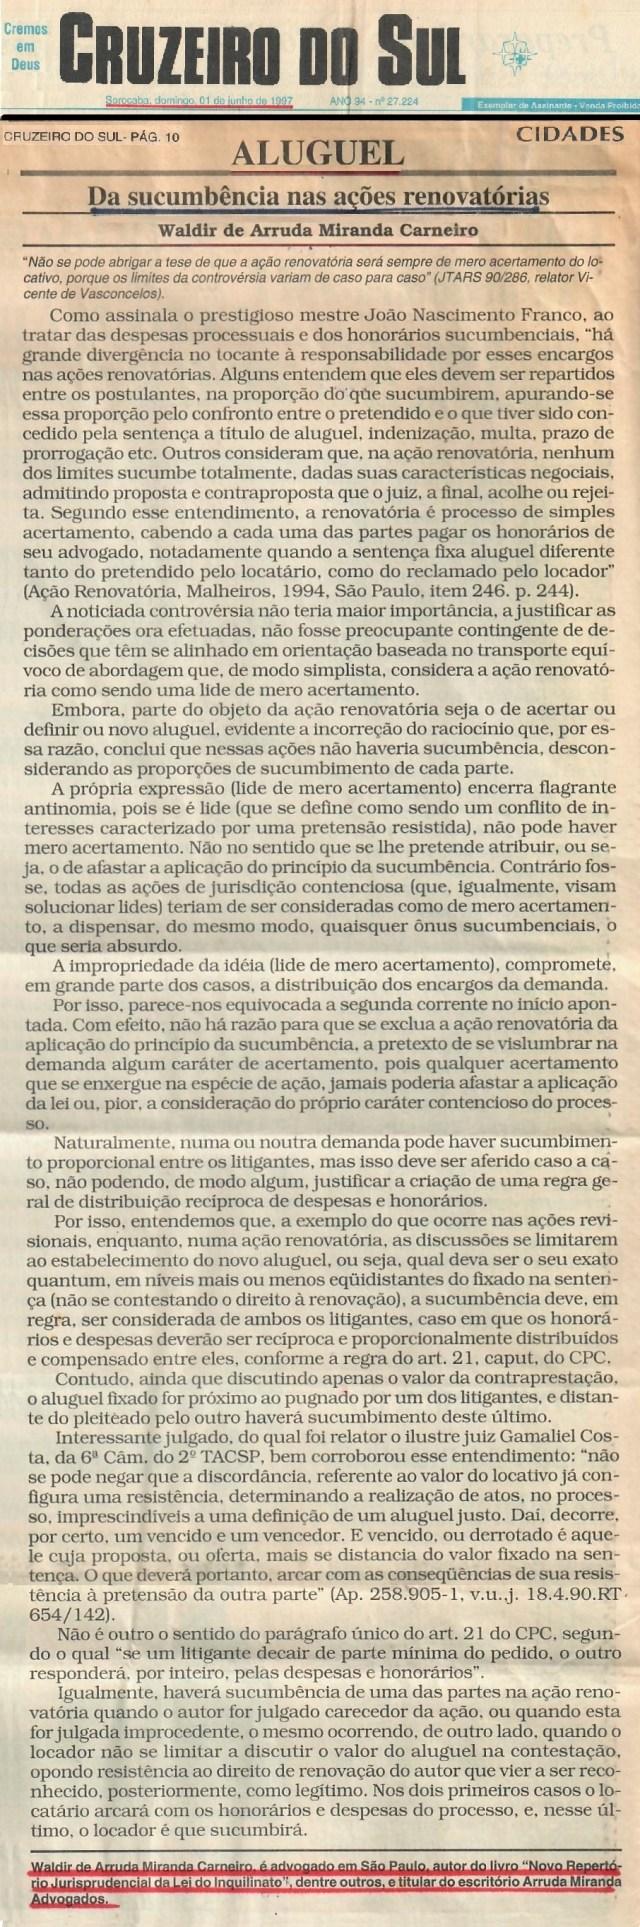 Cruzeiro do sul_EDITADO_02